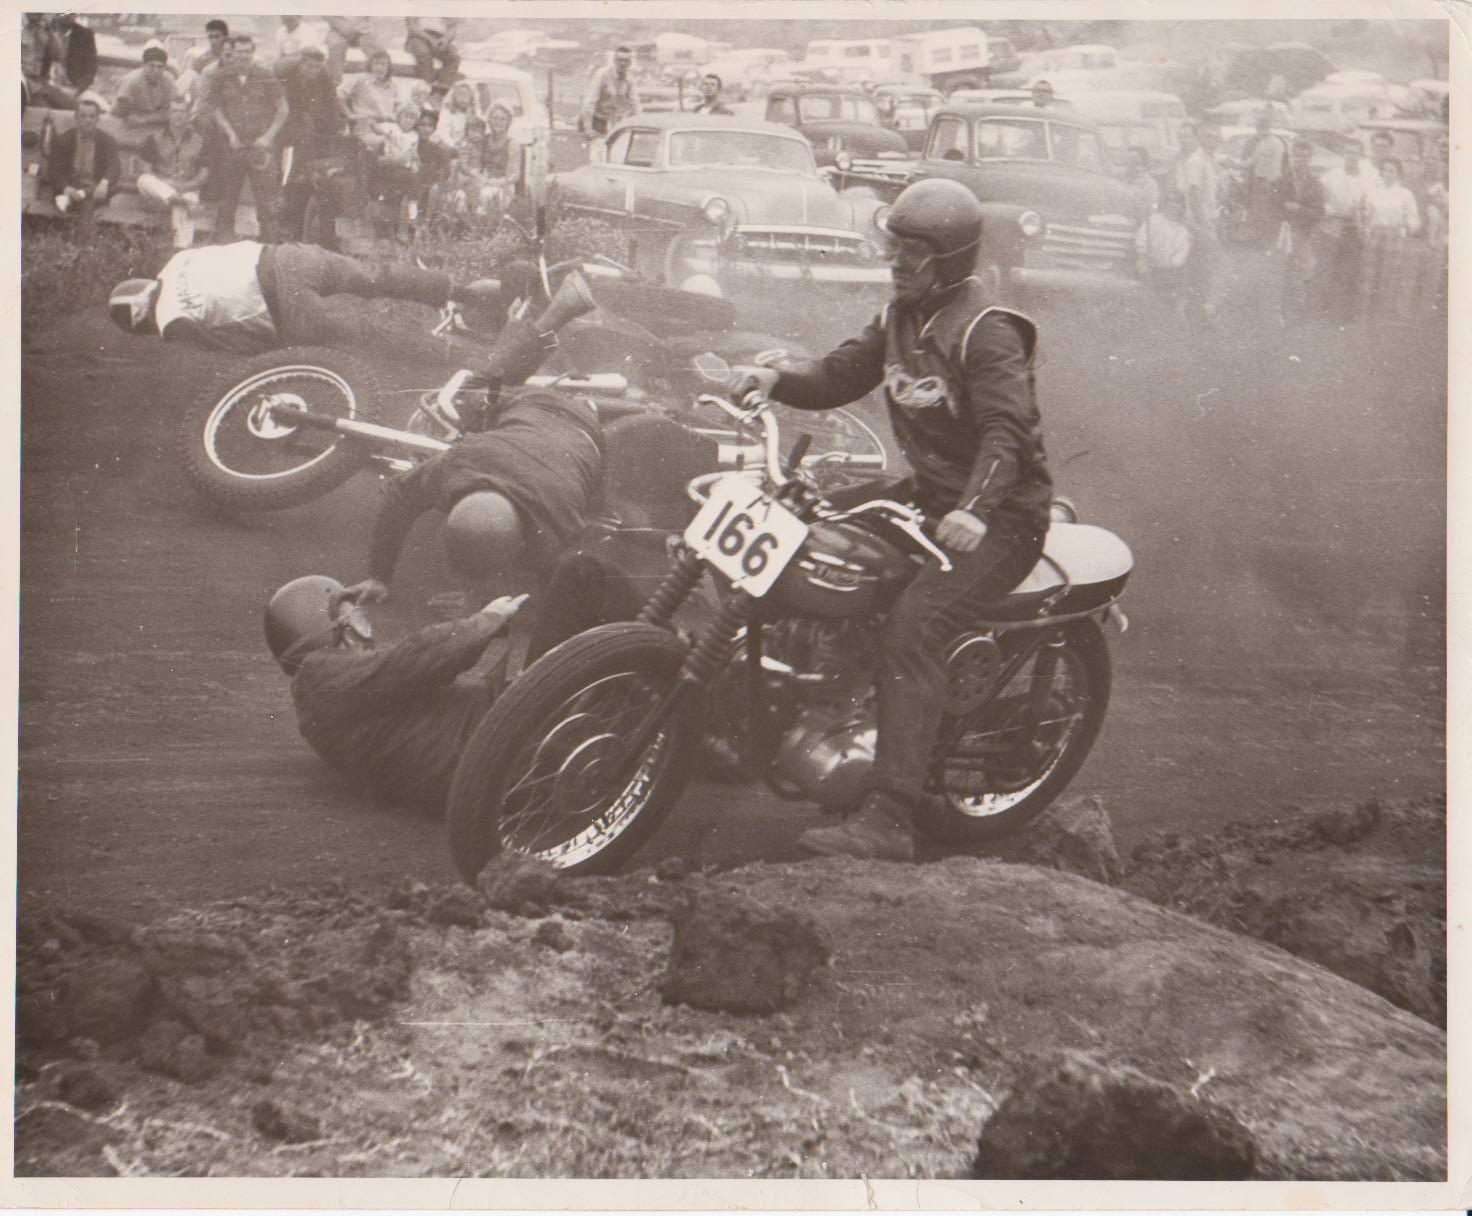 Vintage Motorcyle Racing